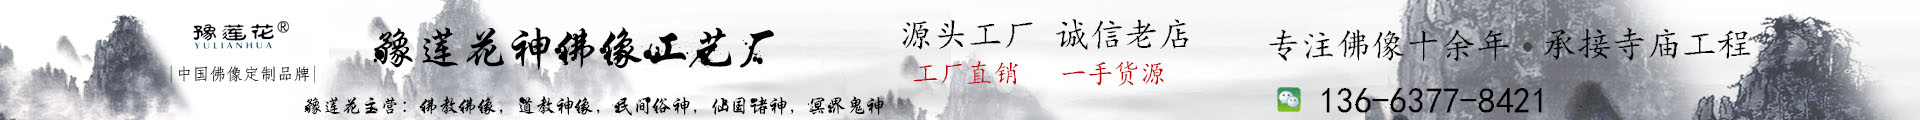 邓州市莲花佛像工艺厂